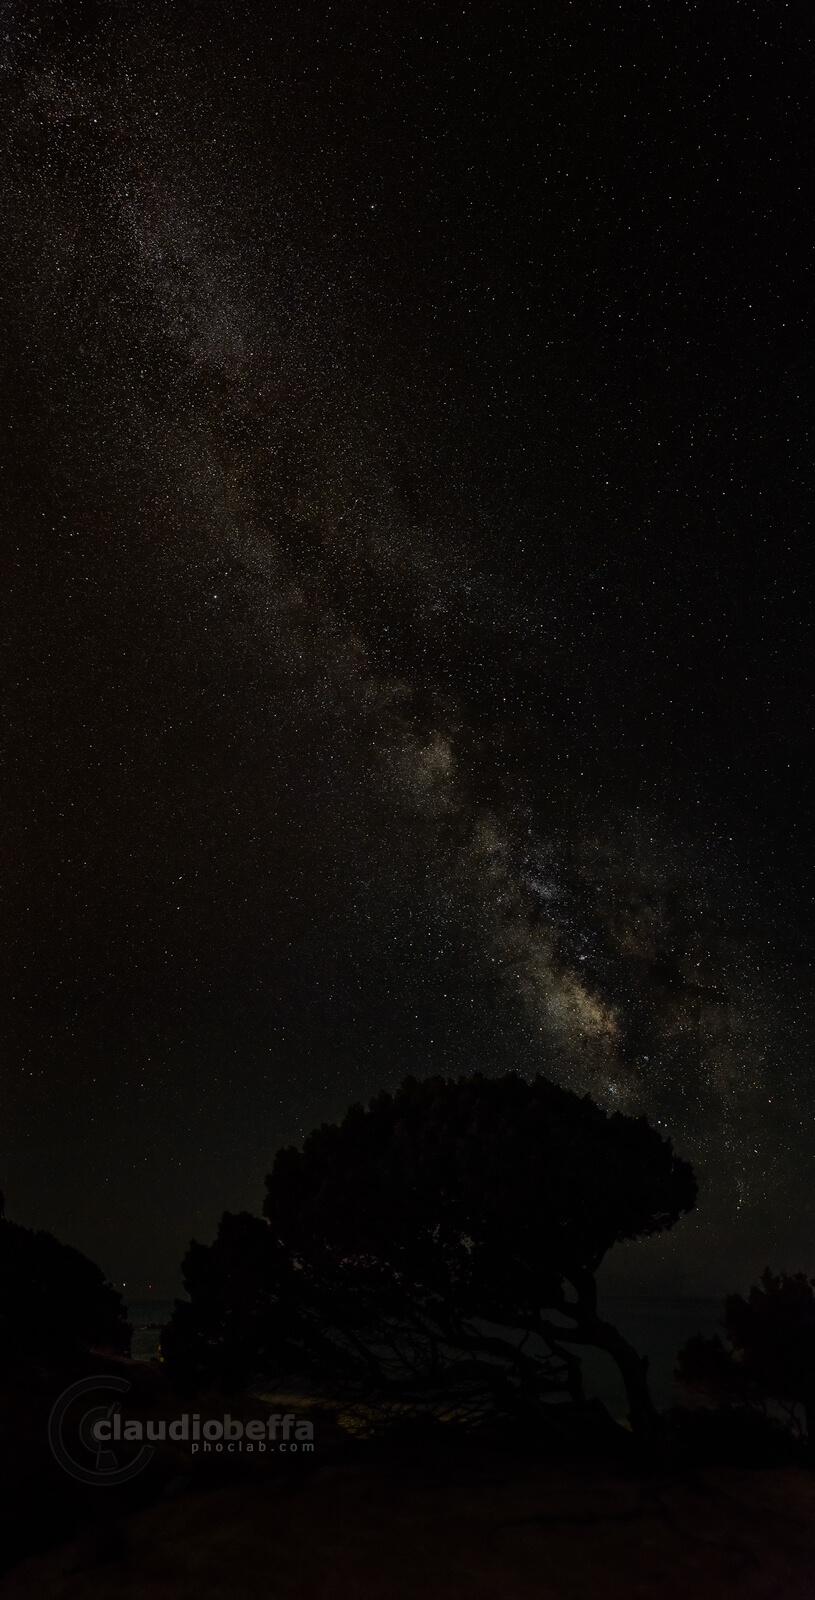 Milky Way, Stars, Sky, Night, Universe, Nightscape, Sardinia, Italy, Vertorama, Across the universe